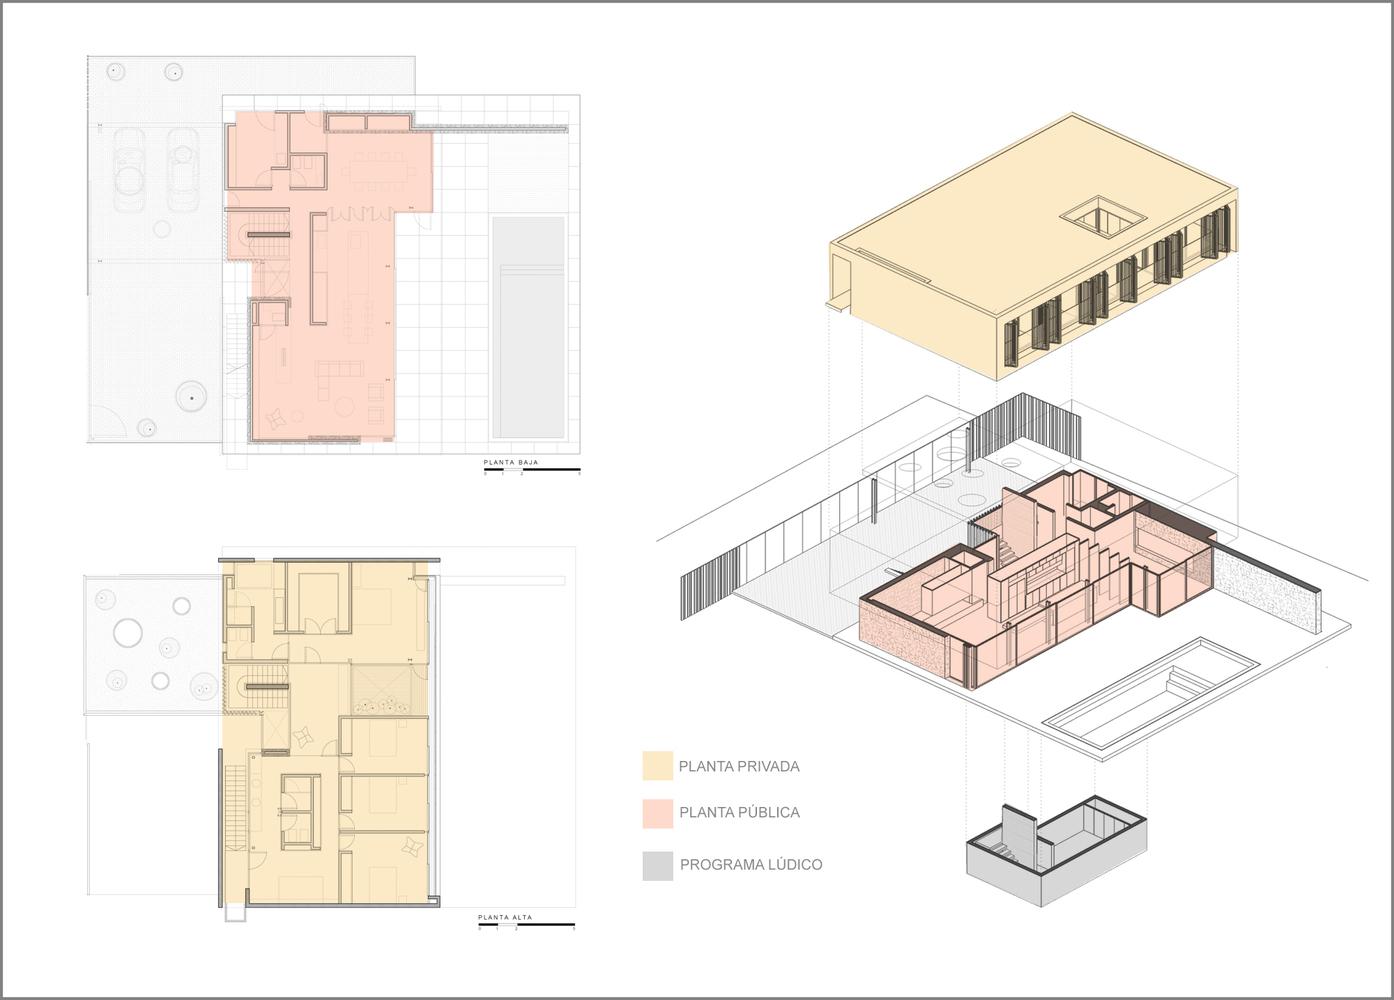 Esquemas funcionales: estrategias de organización programática en casas de Argentina,Casa AD / Estudio M3. Image